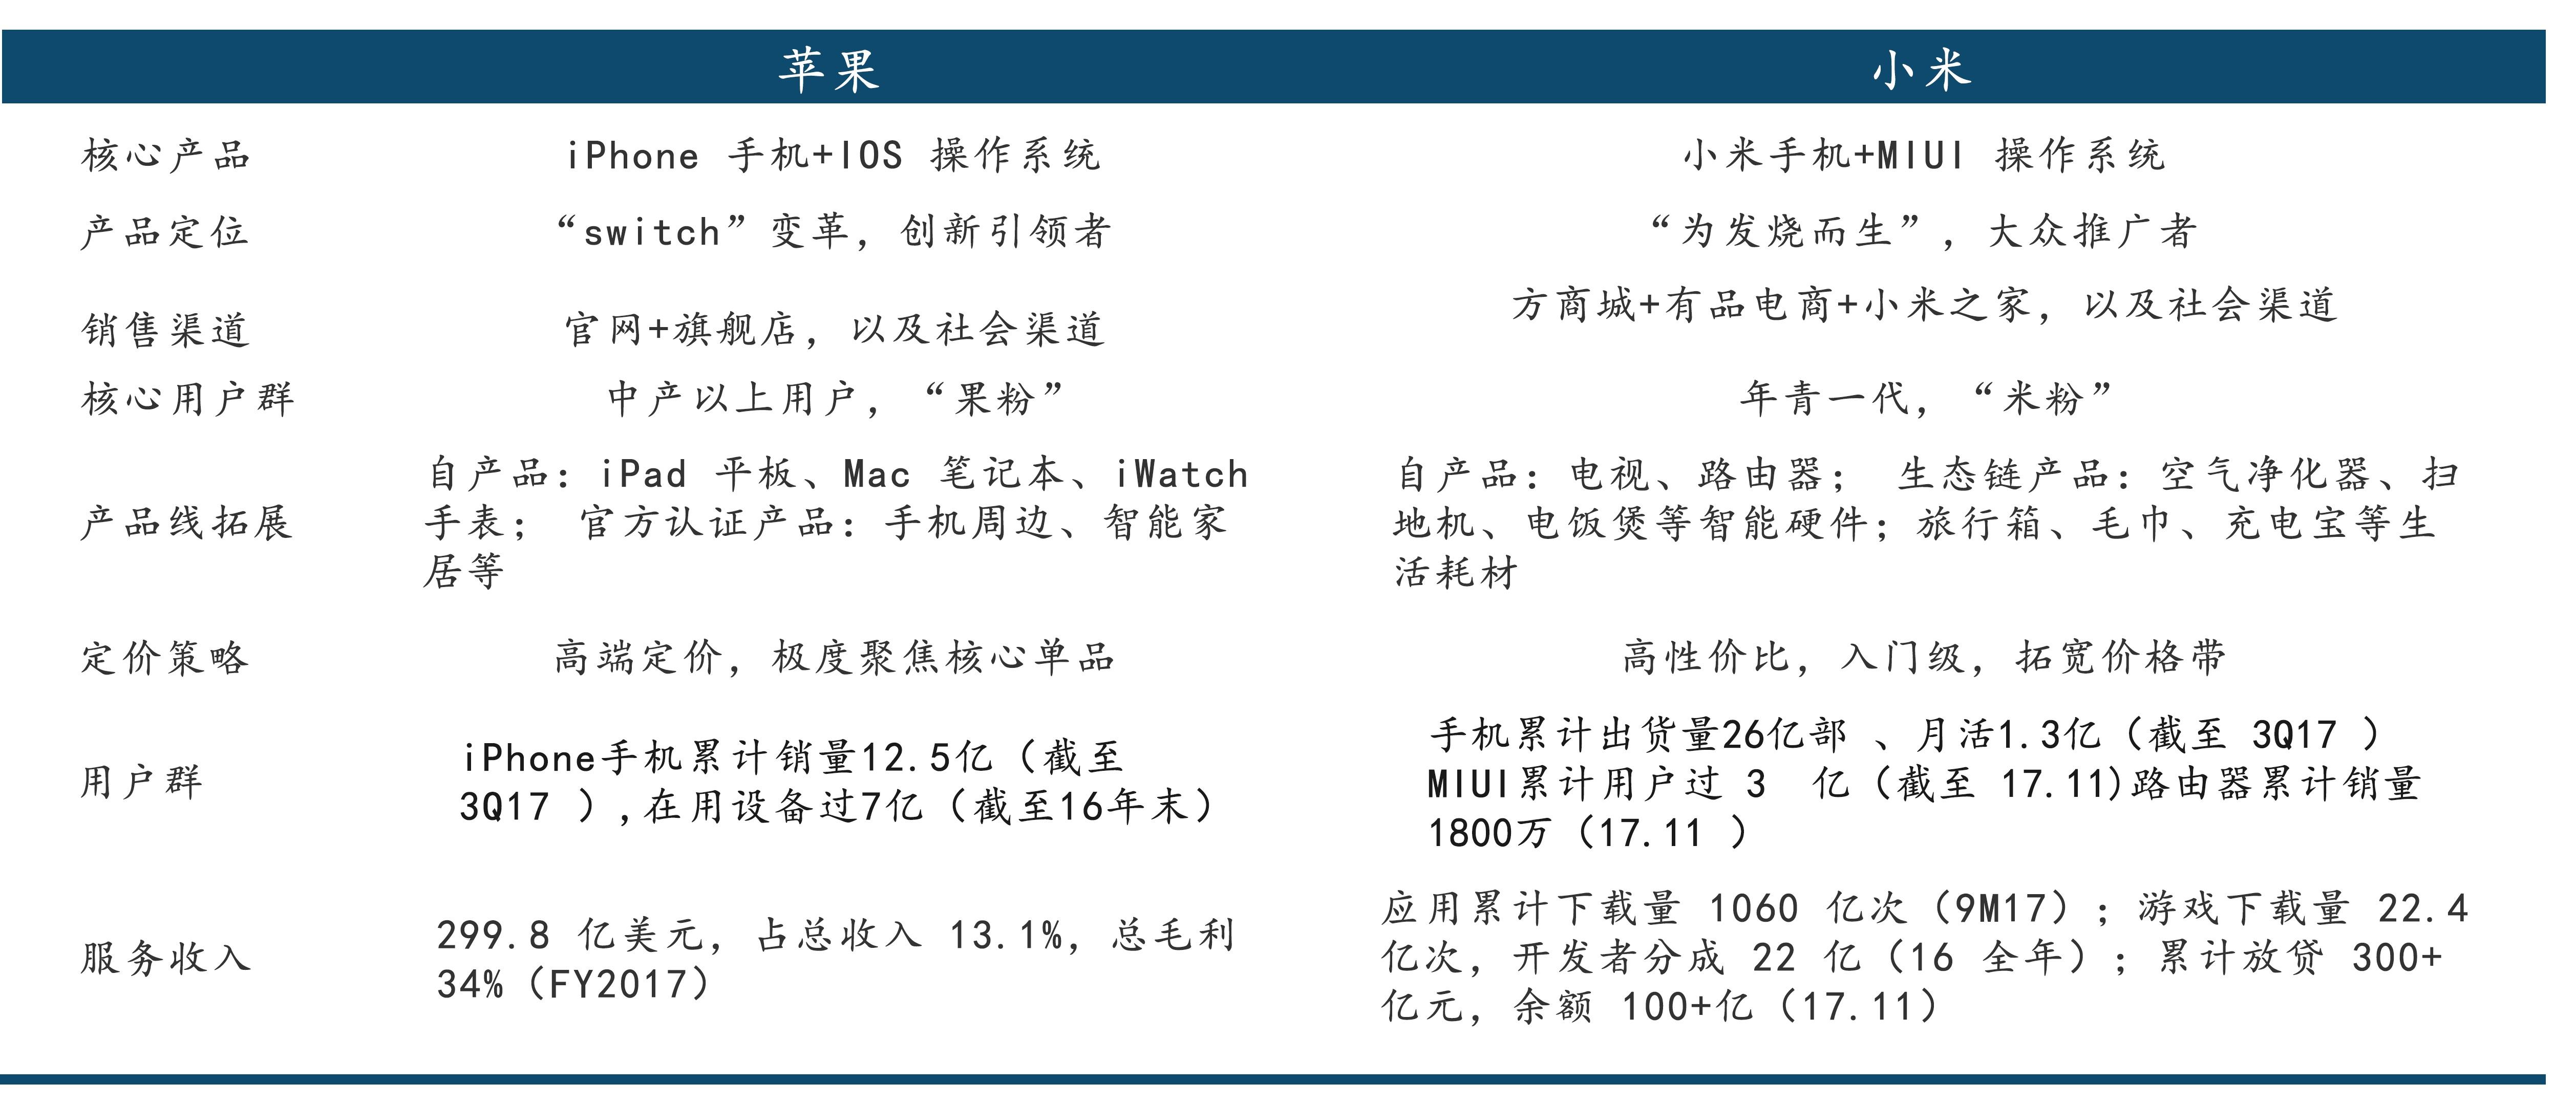 表3 : 小米与苹果均为以硬件为基础架构的生态型公司.jpg